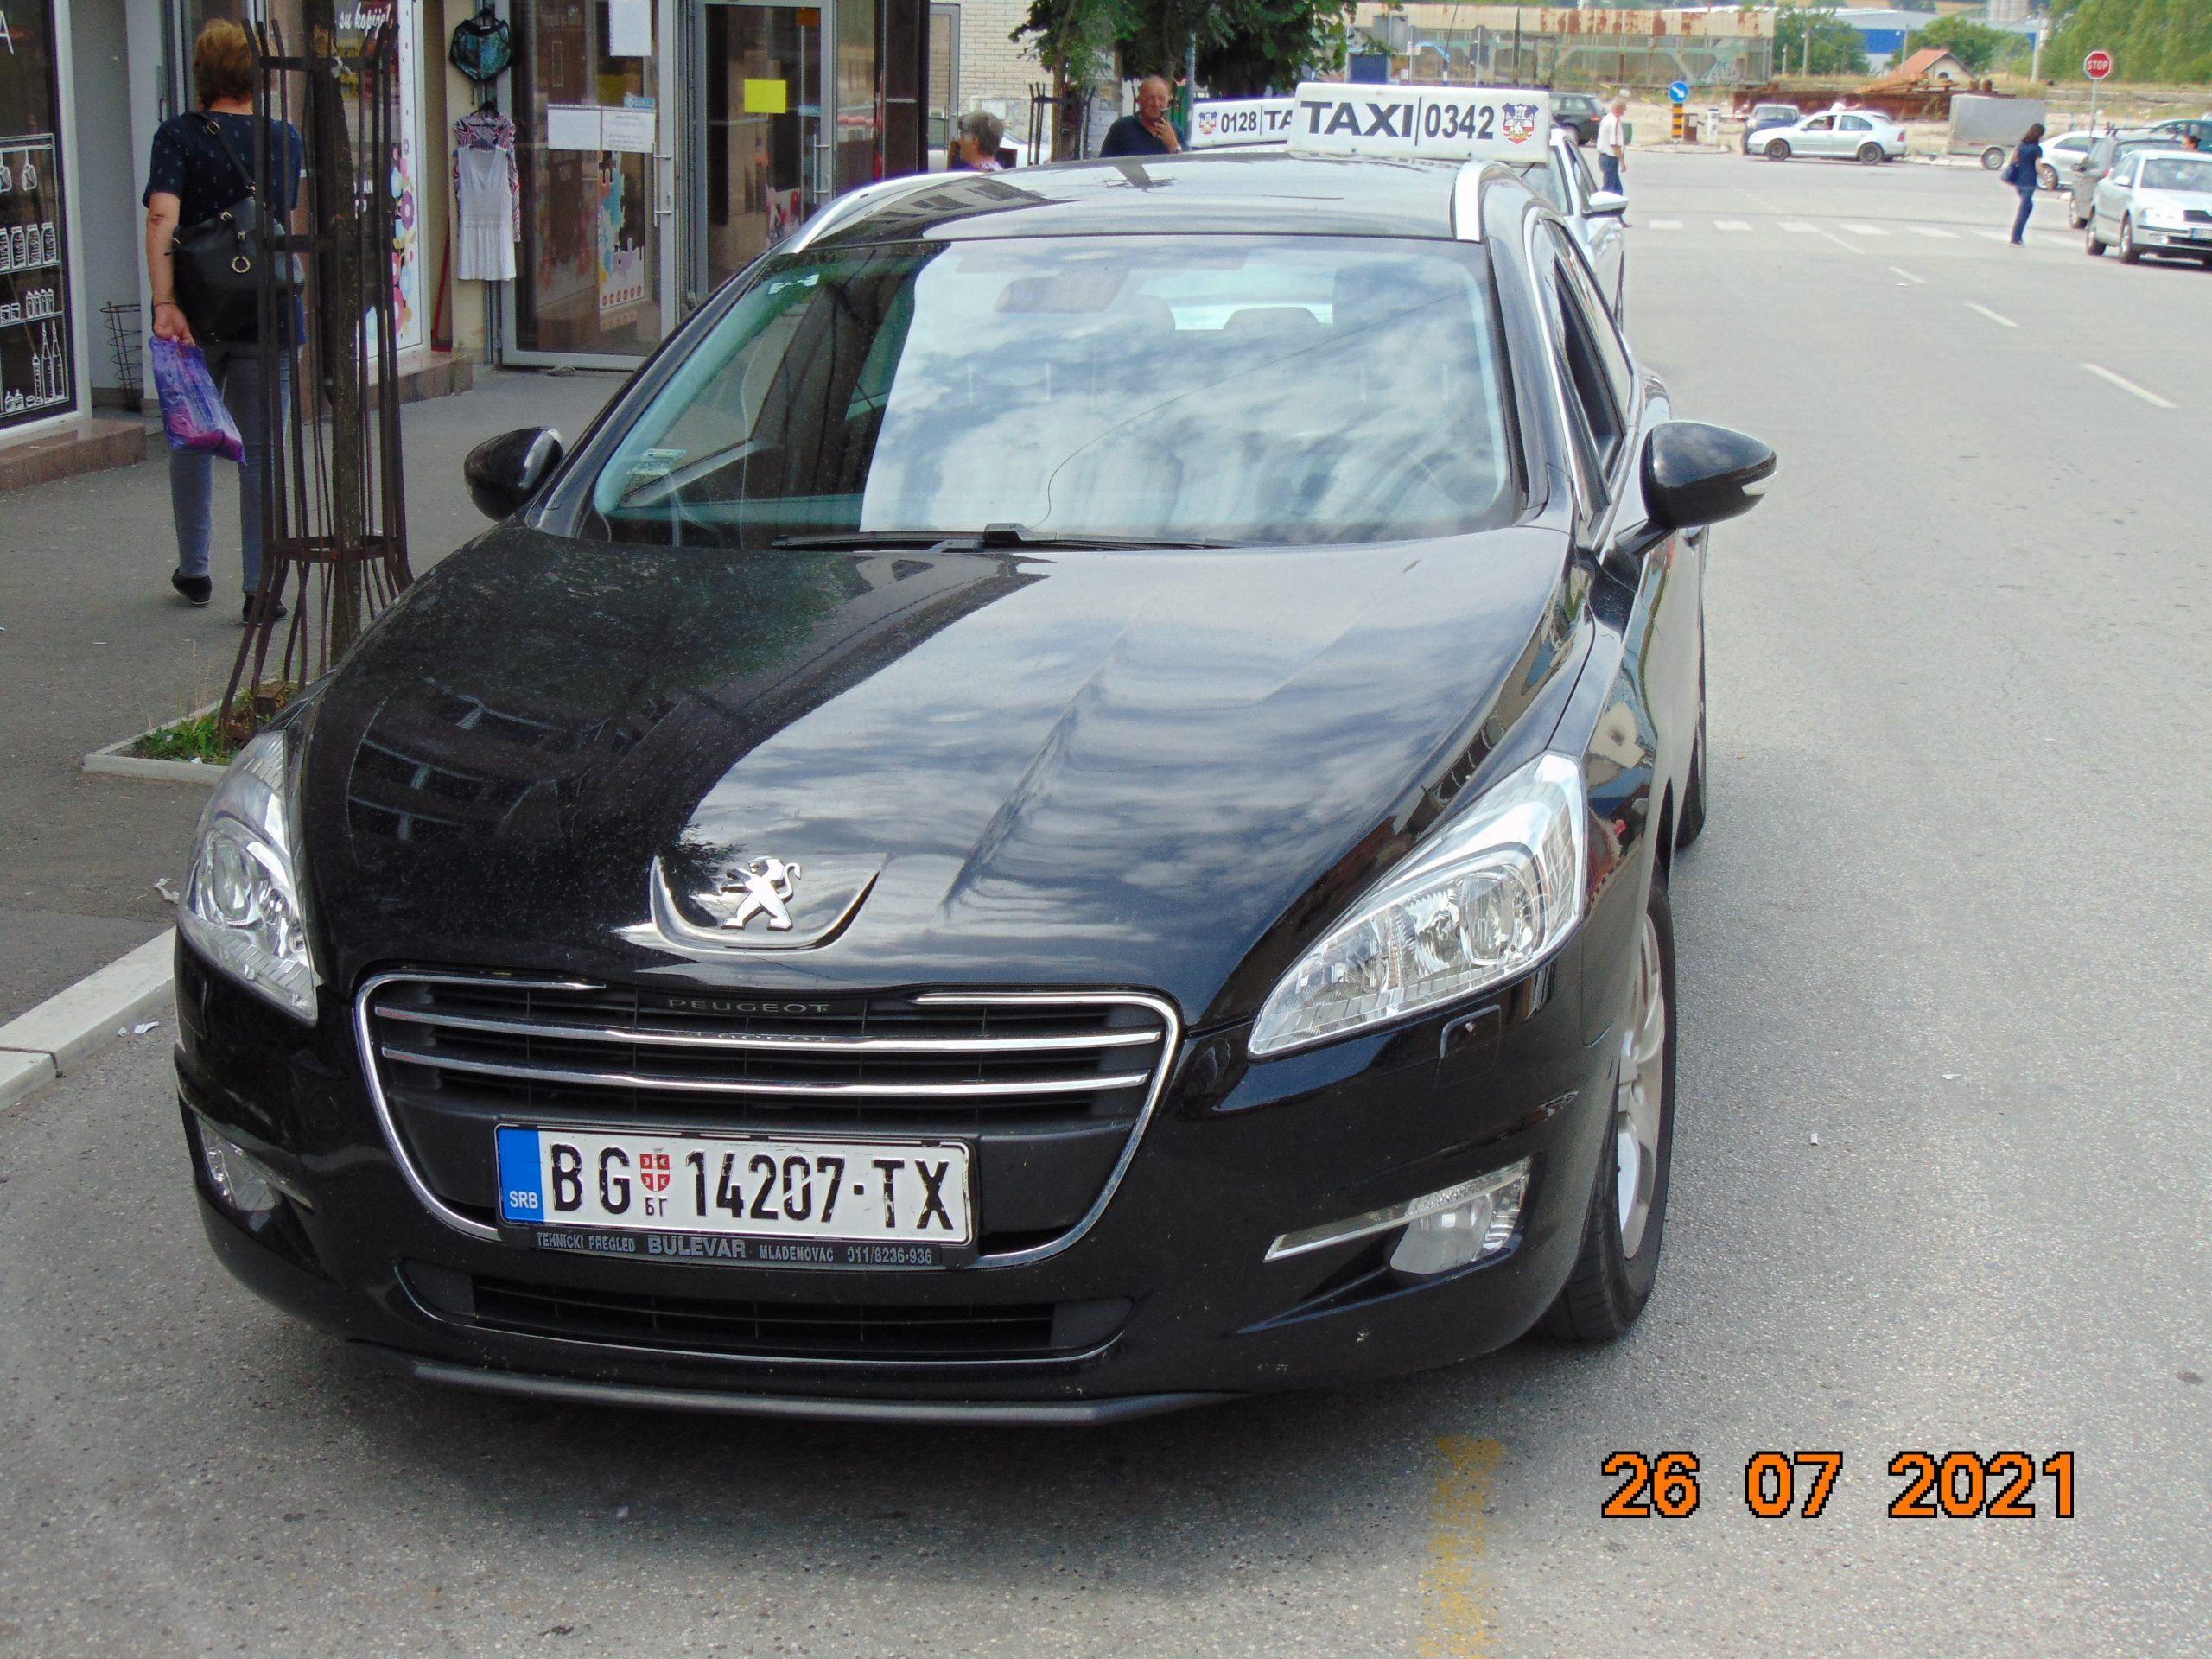 Taxi-Goran